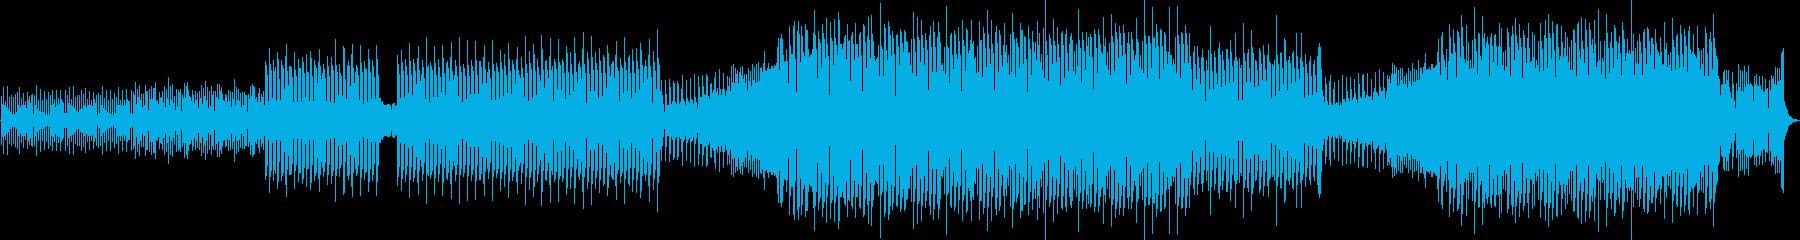 どちらかというと上品なEDM/ノリノリの再生済みの波形